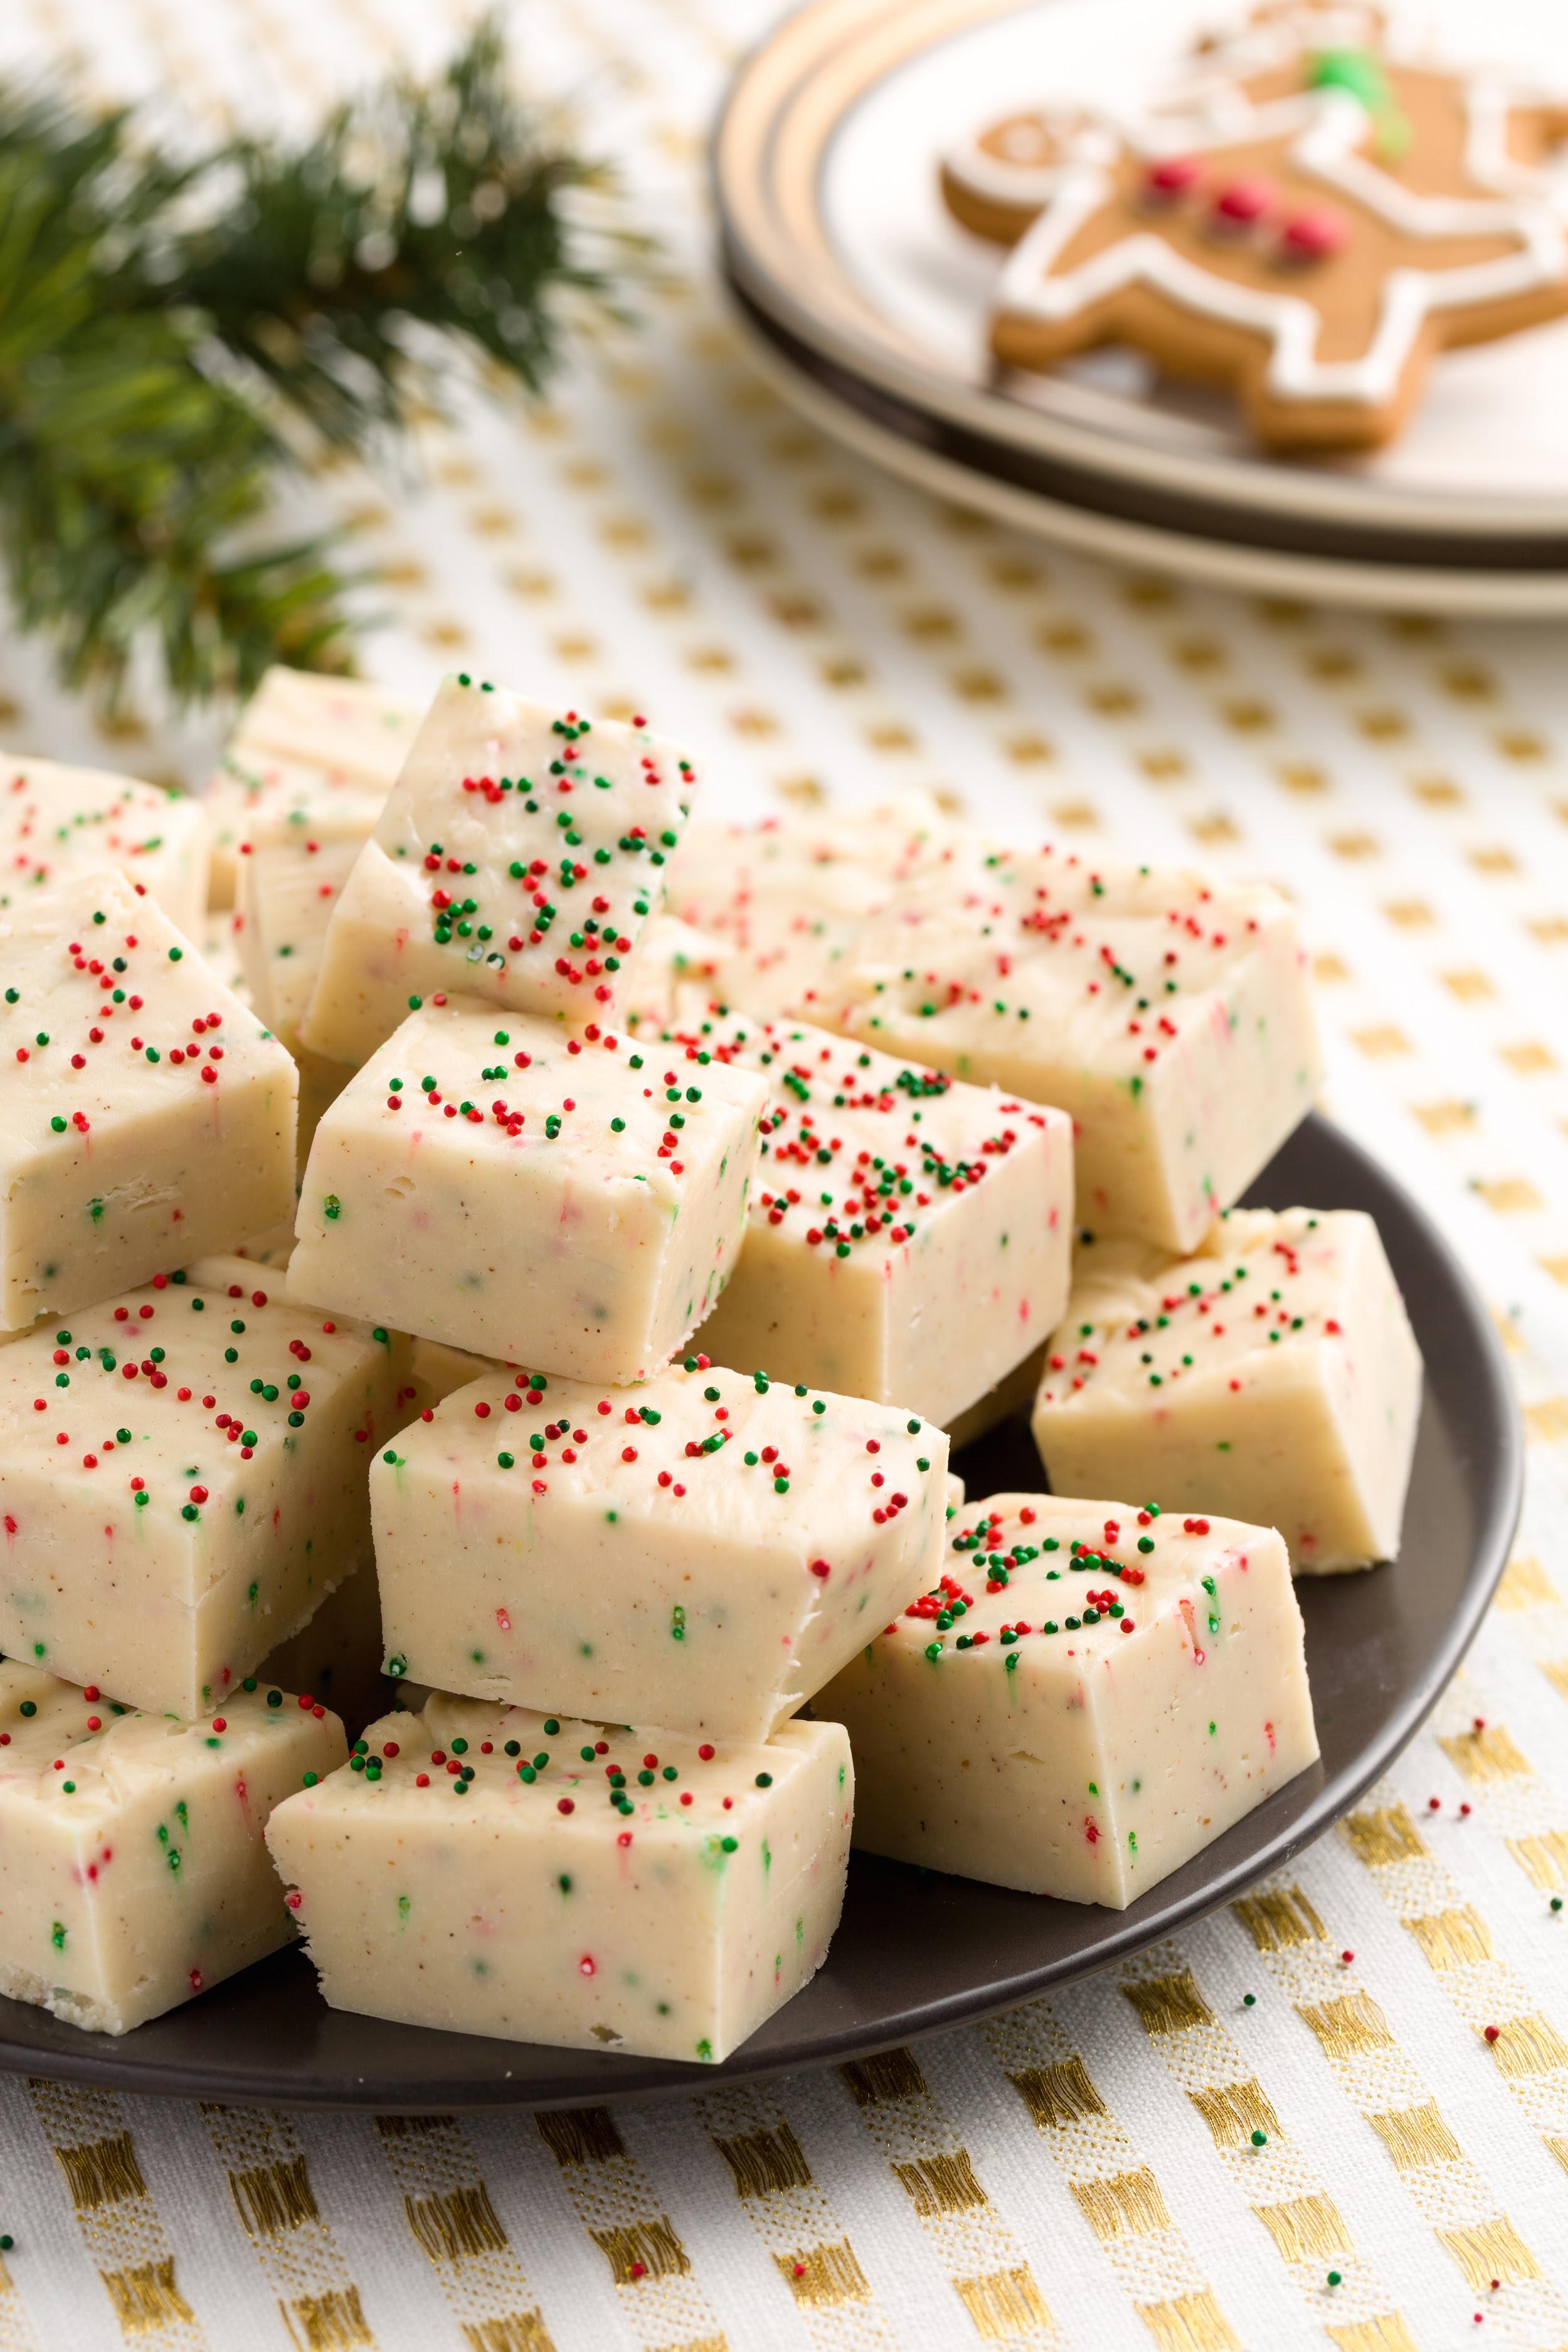 18 Easy Homemade Christmas Candy Recipes - How To Make ...